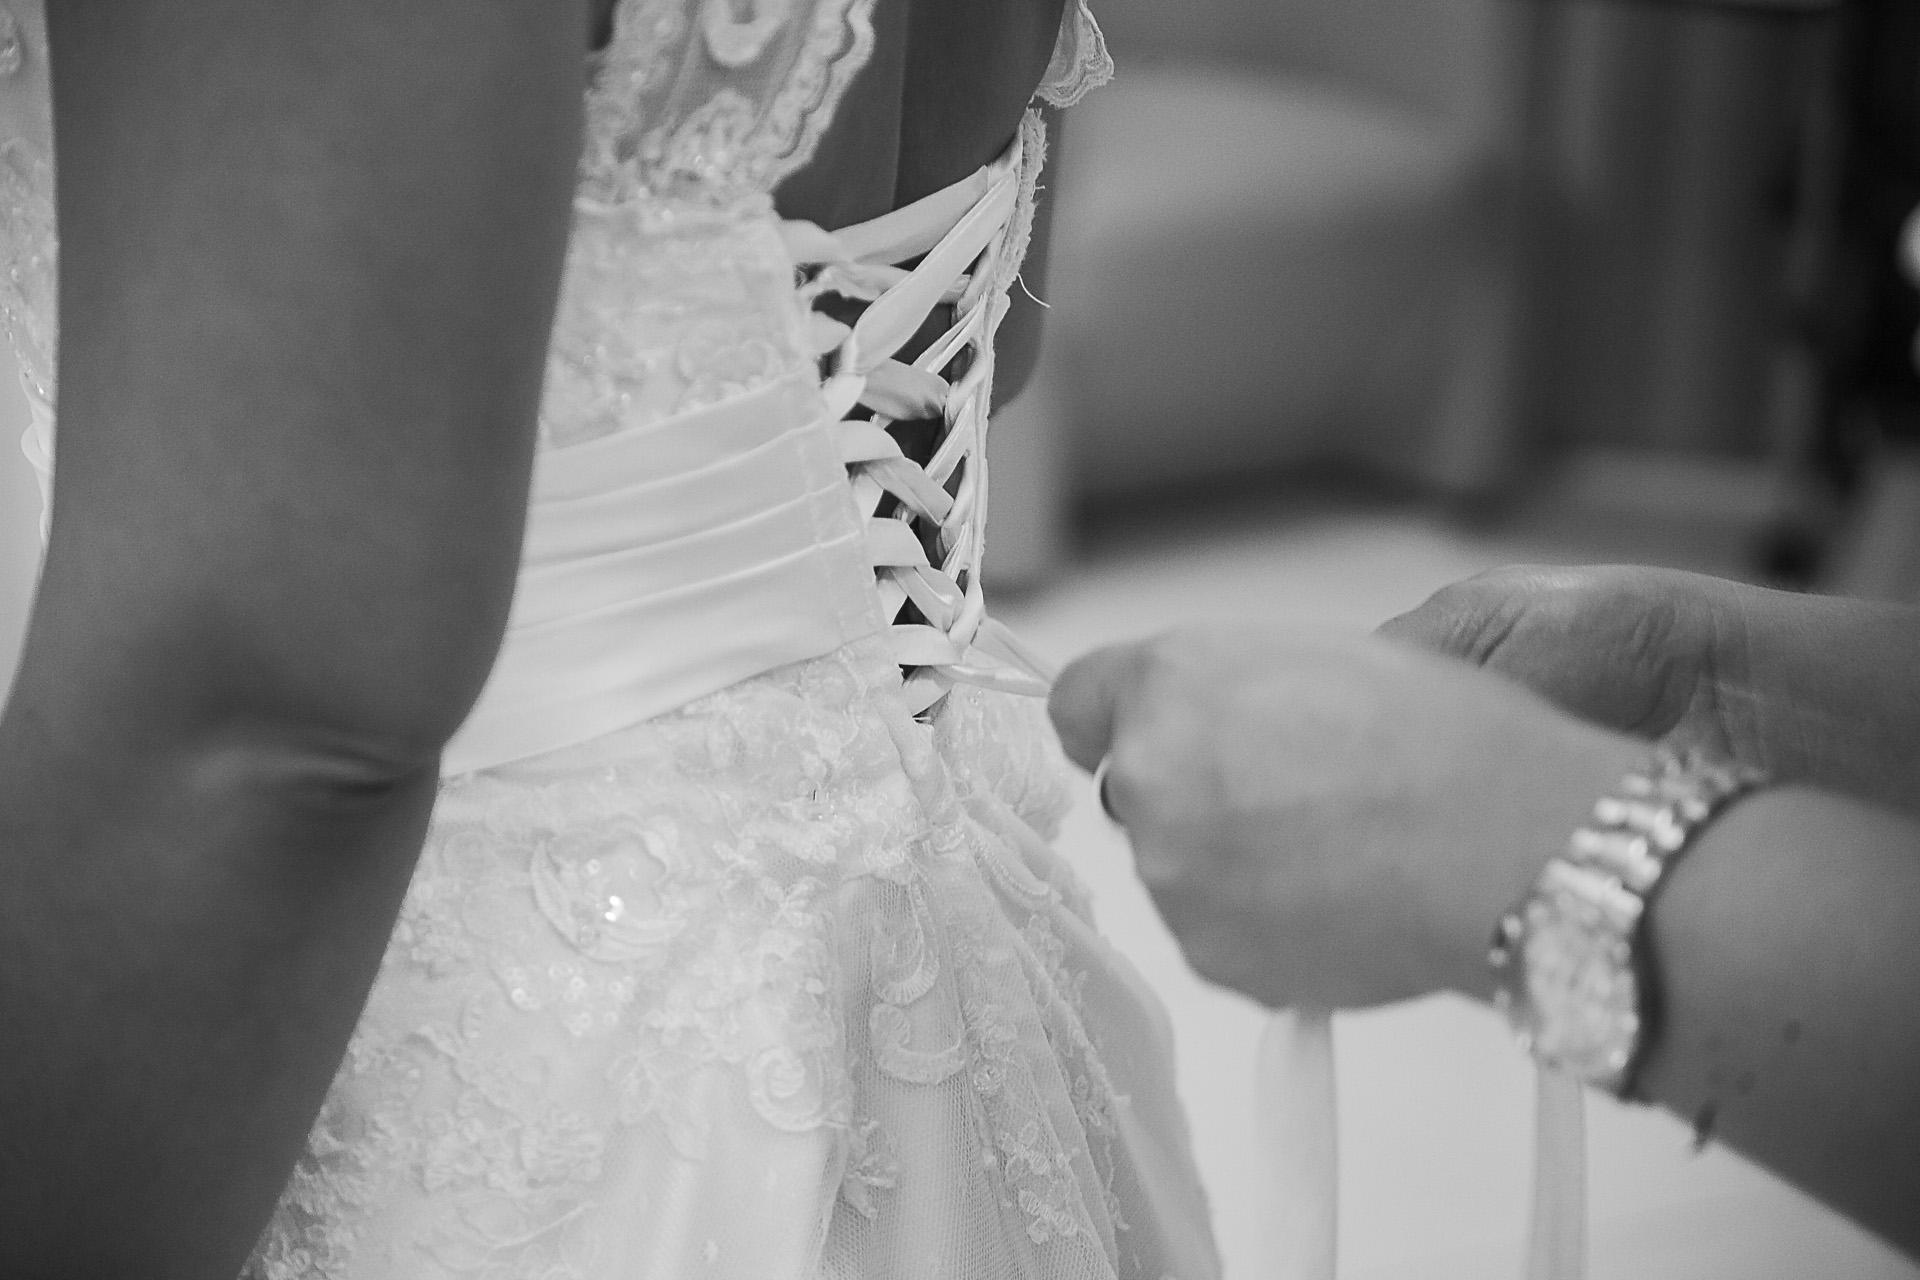 fotografo de casamento-18